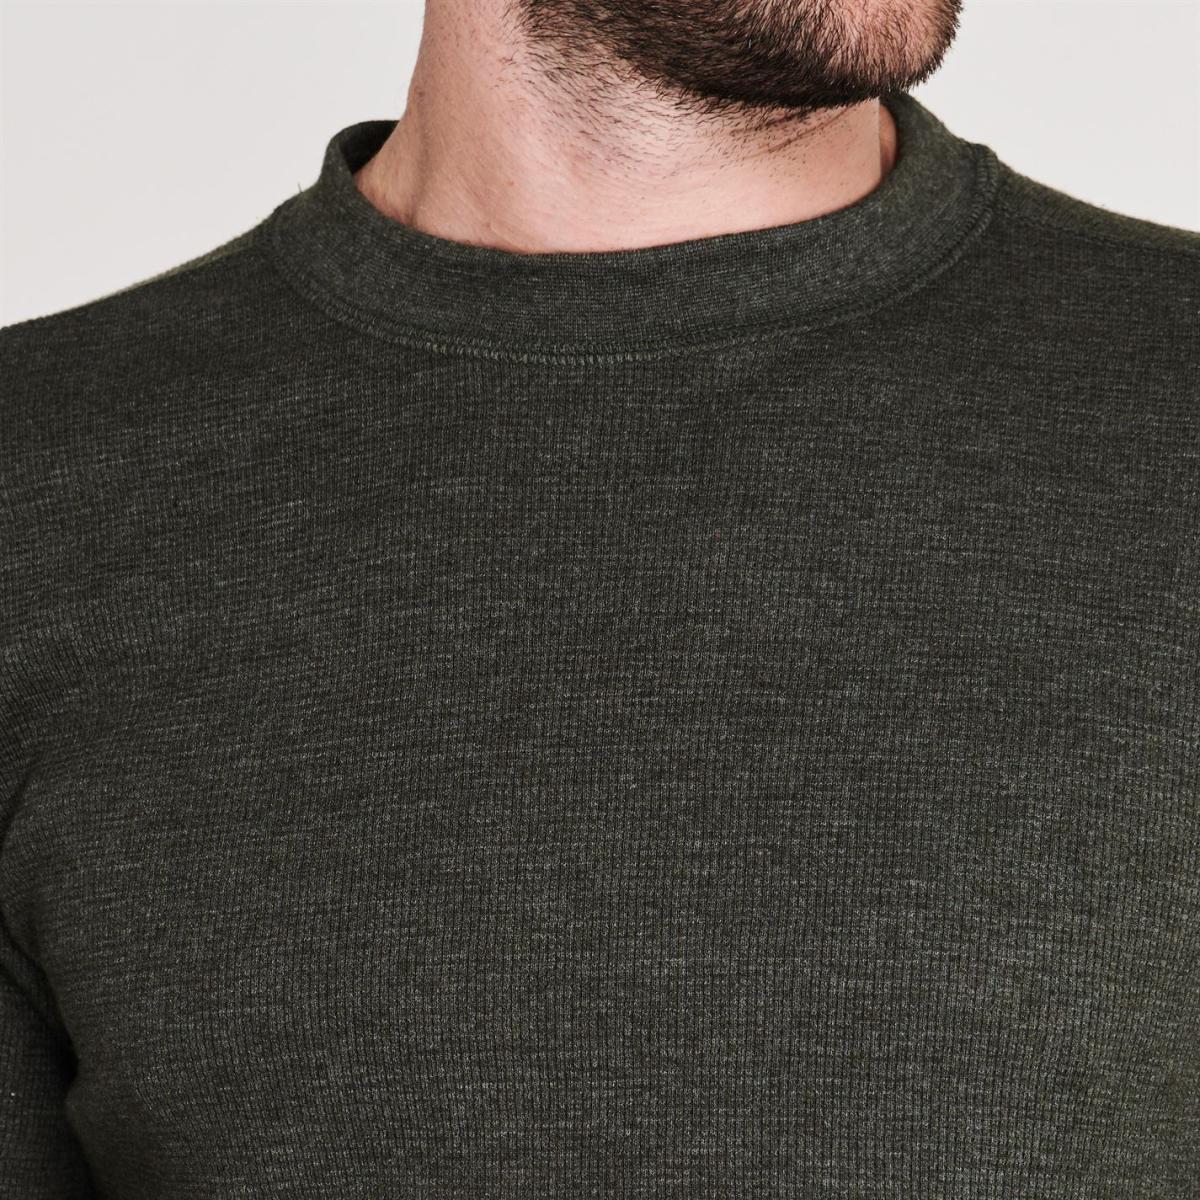 Gelert Thermal Crew Sweatshirt Herren Pullover